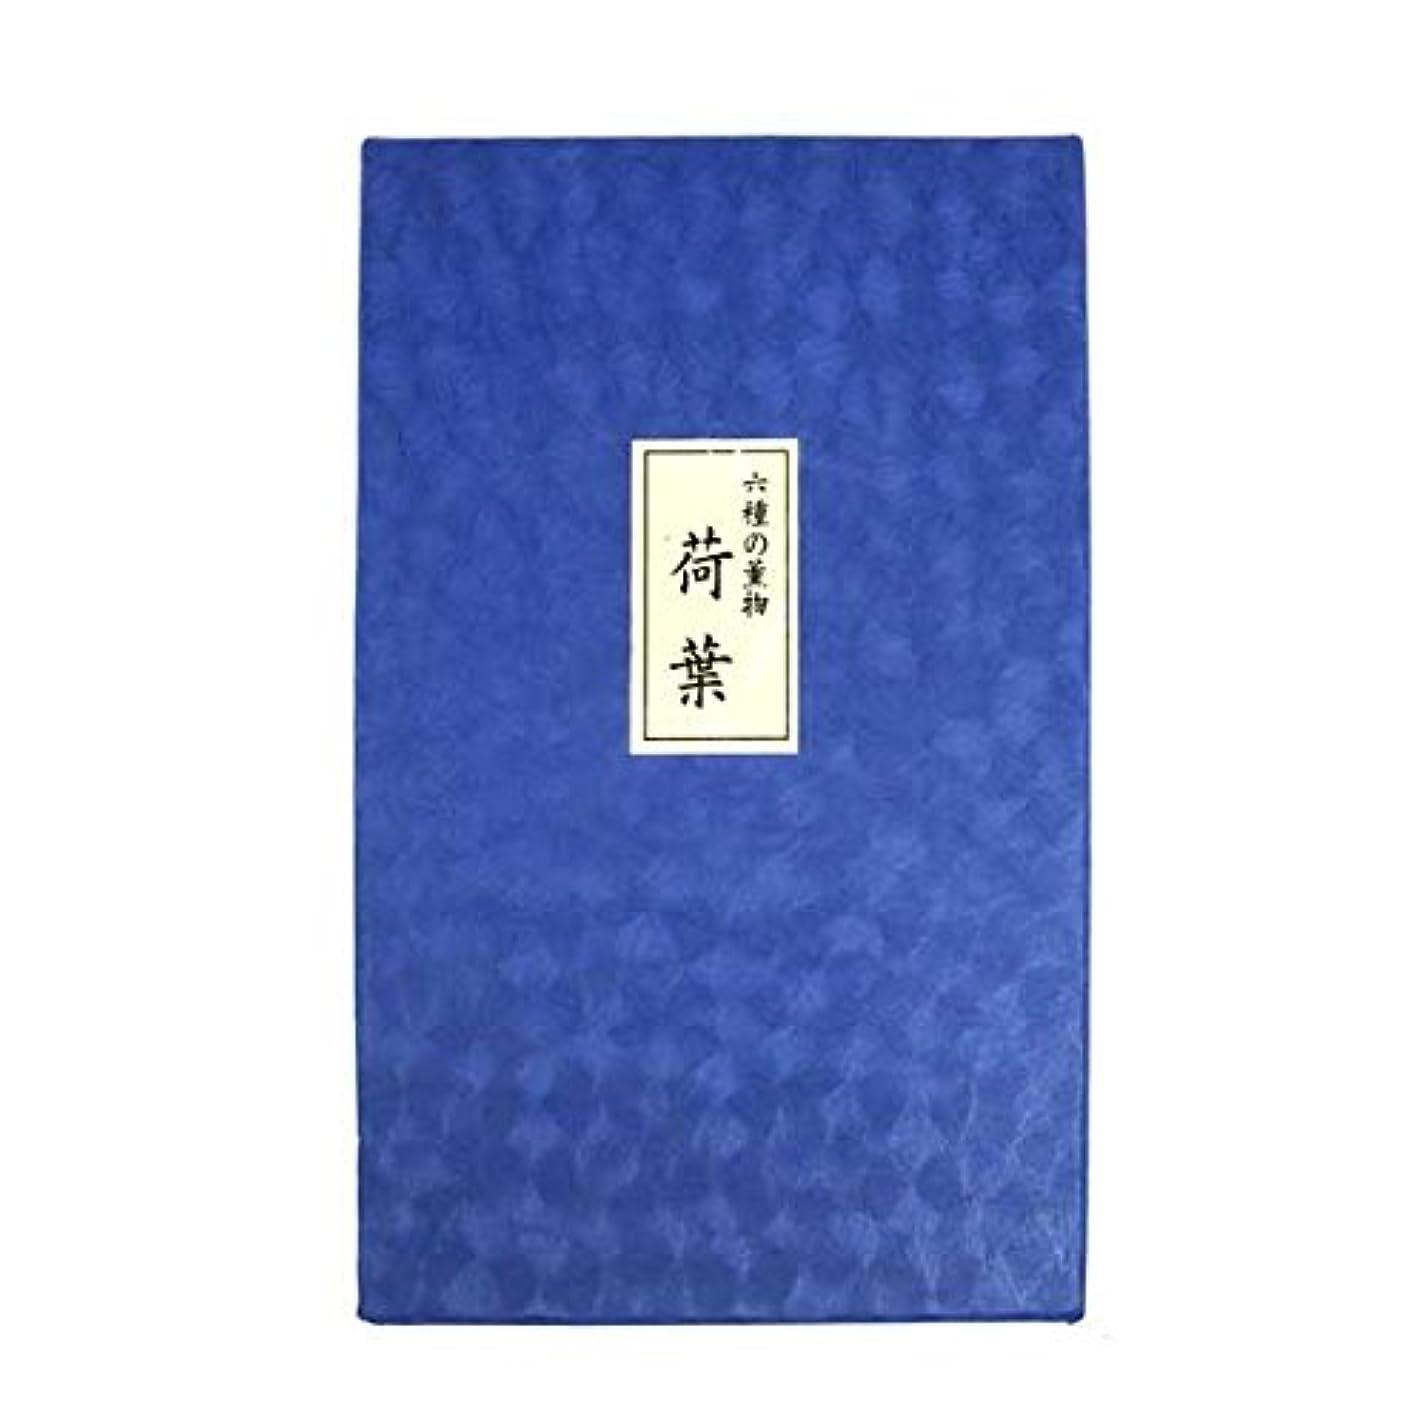 故国タフ画面六種の薫物 荷葉 貝入畳紙包 紙箱入